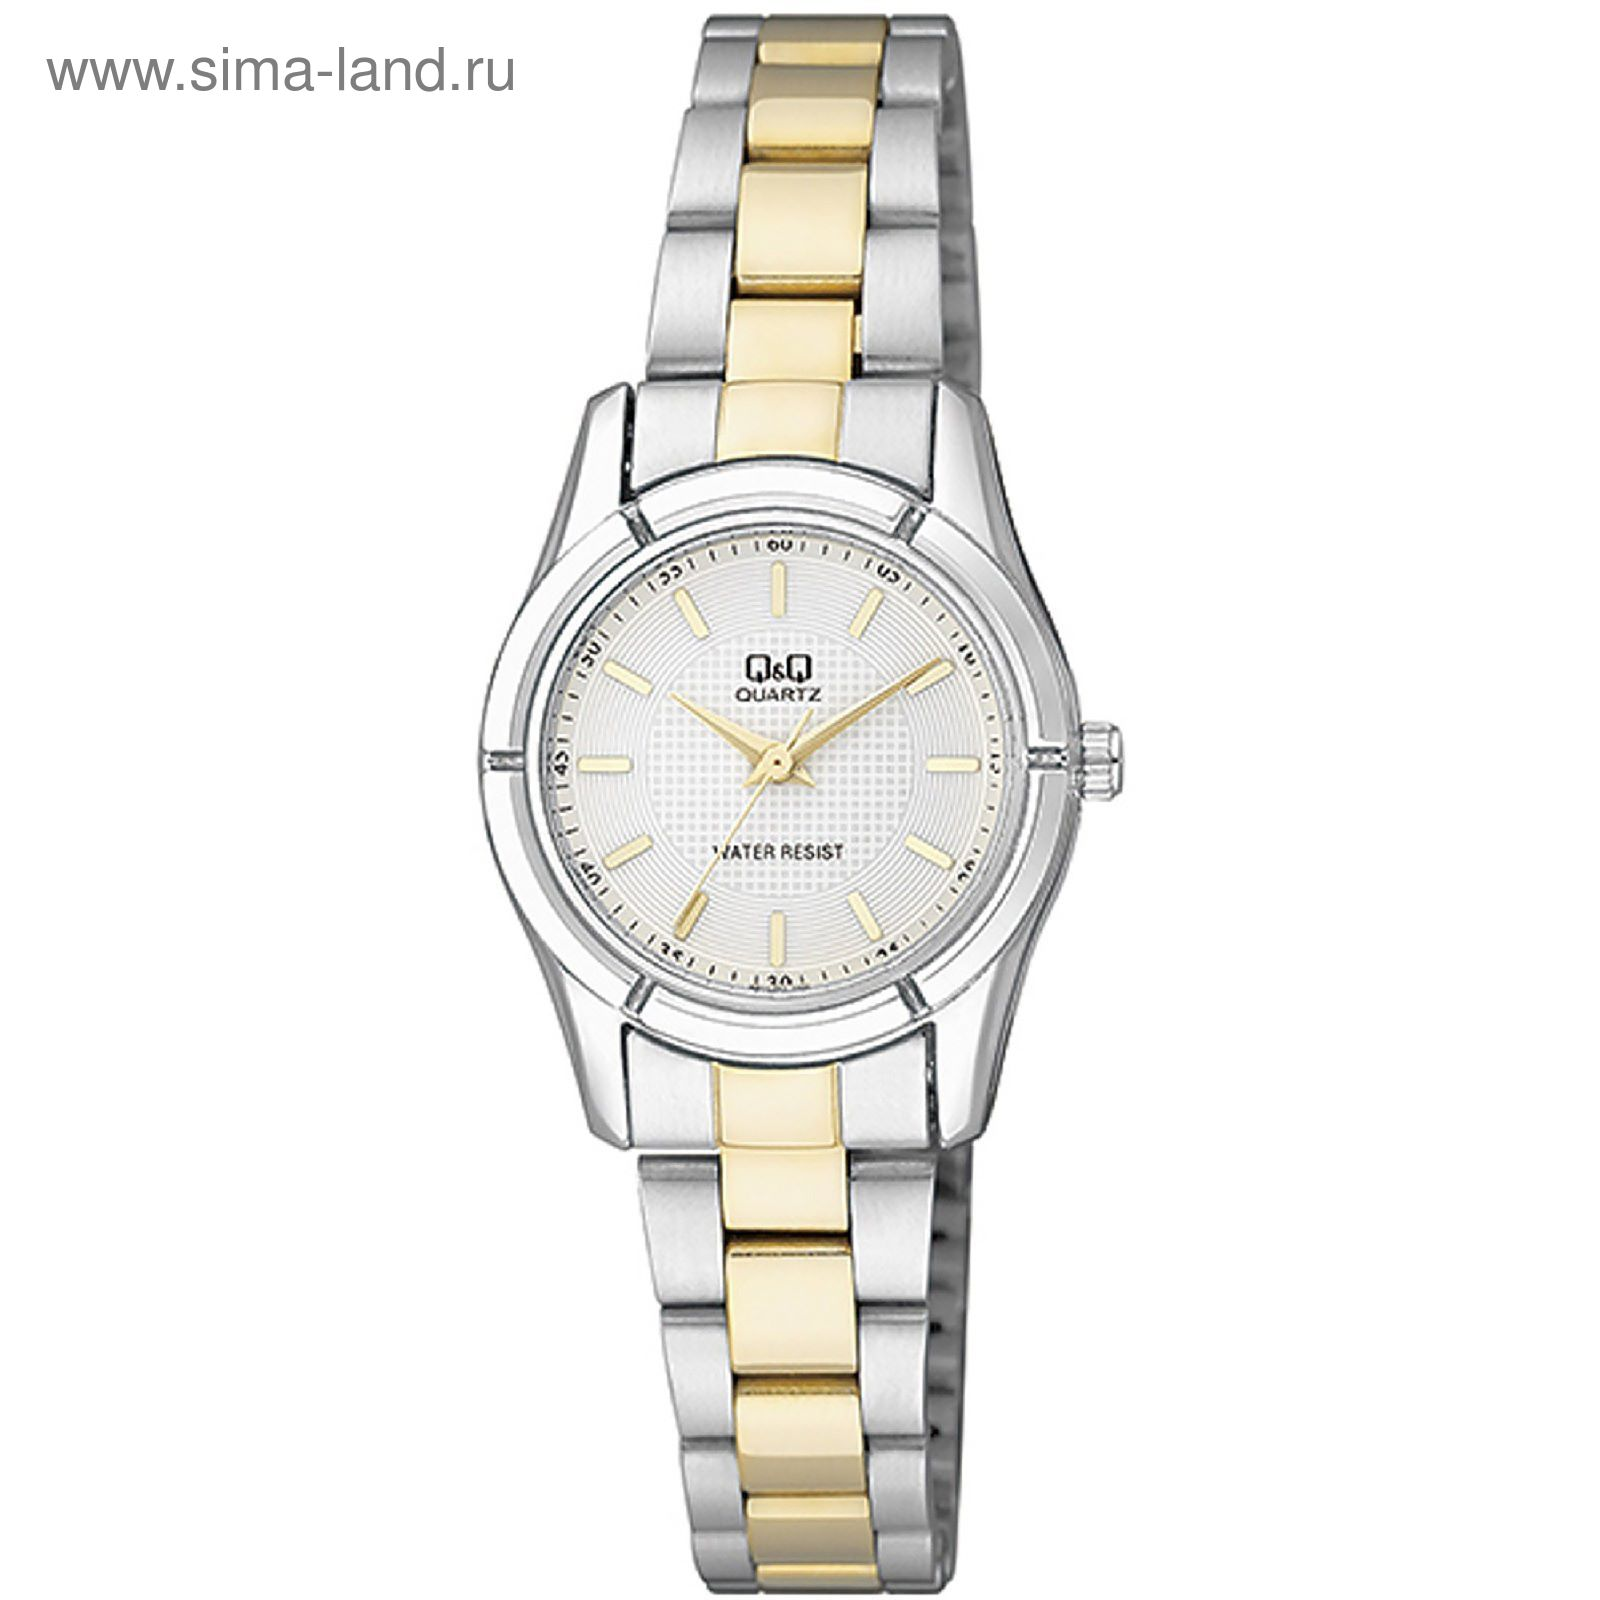 7ce25e91 Часы наручные женские Q&Q Q877-401 (1589468) - Купить по цене от ...